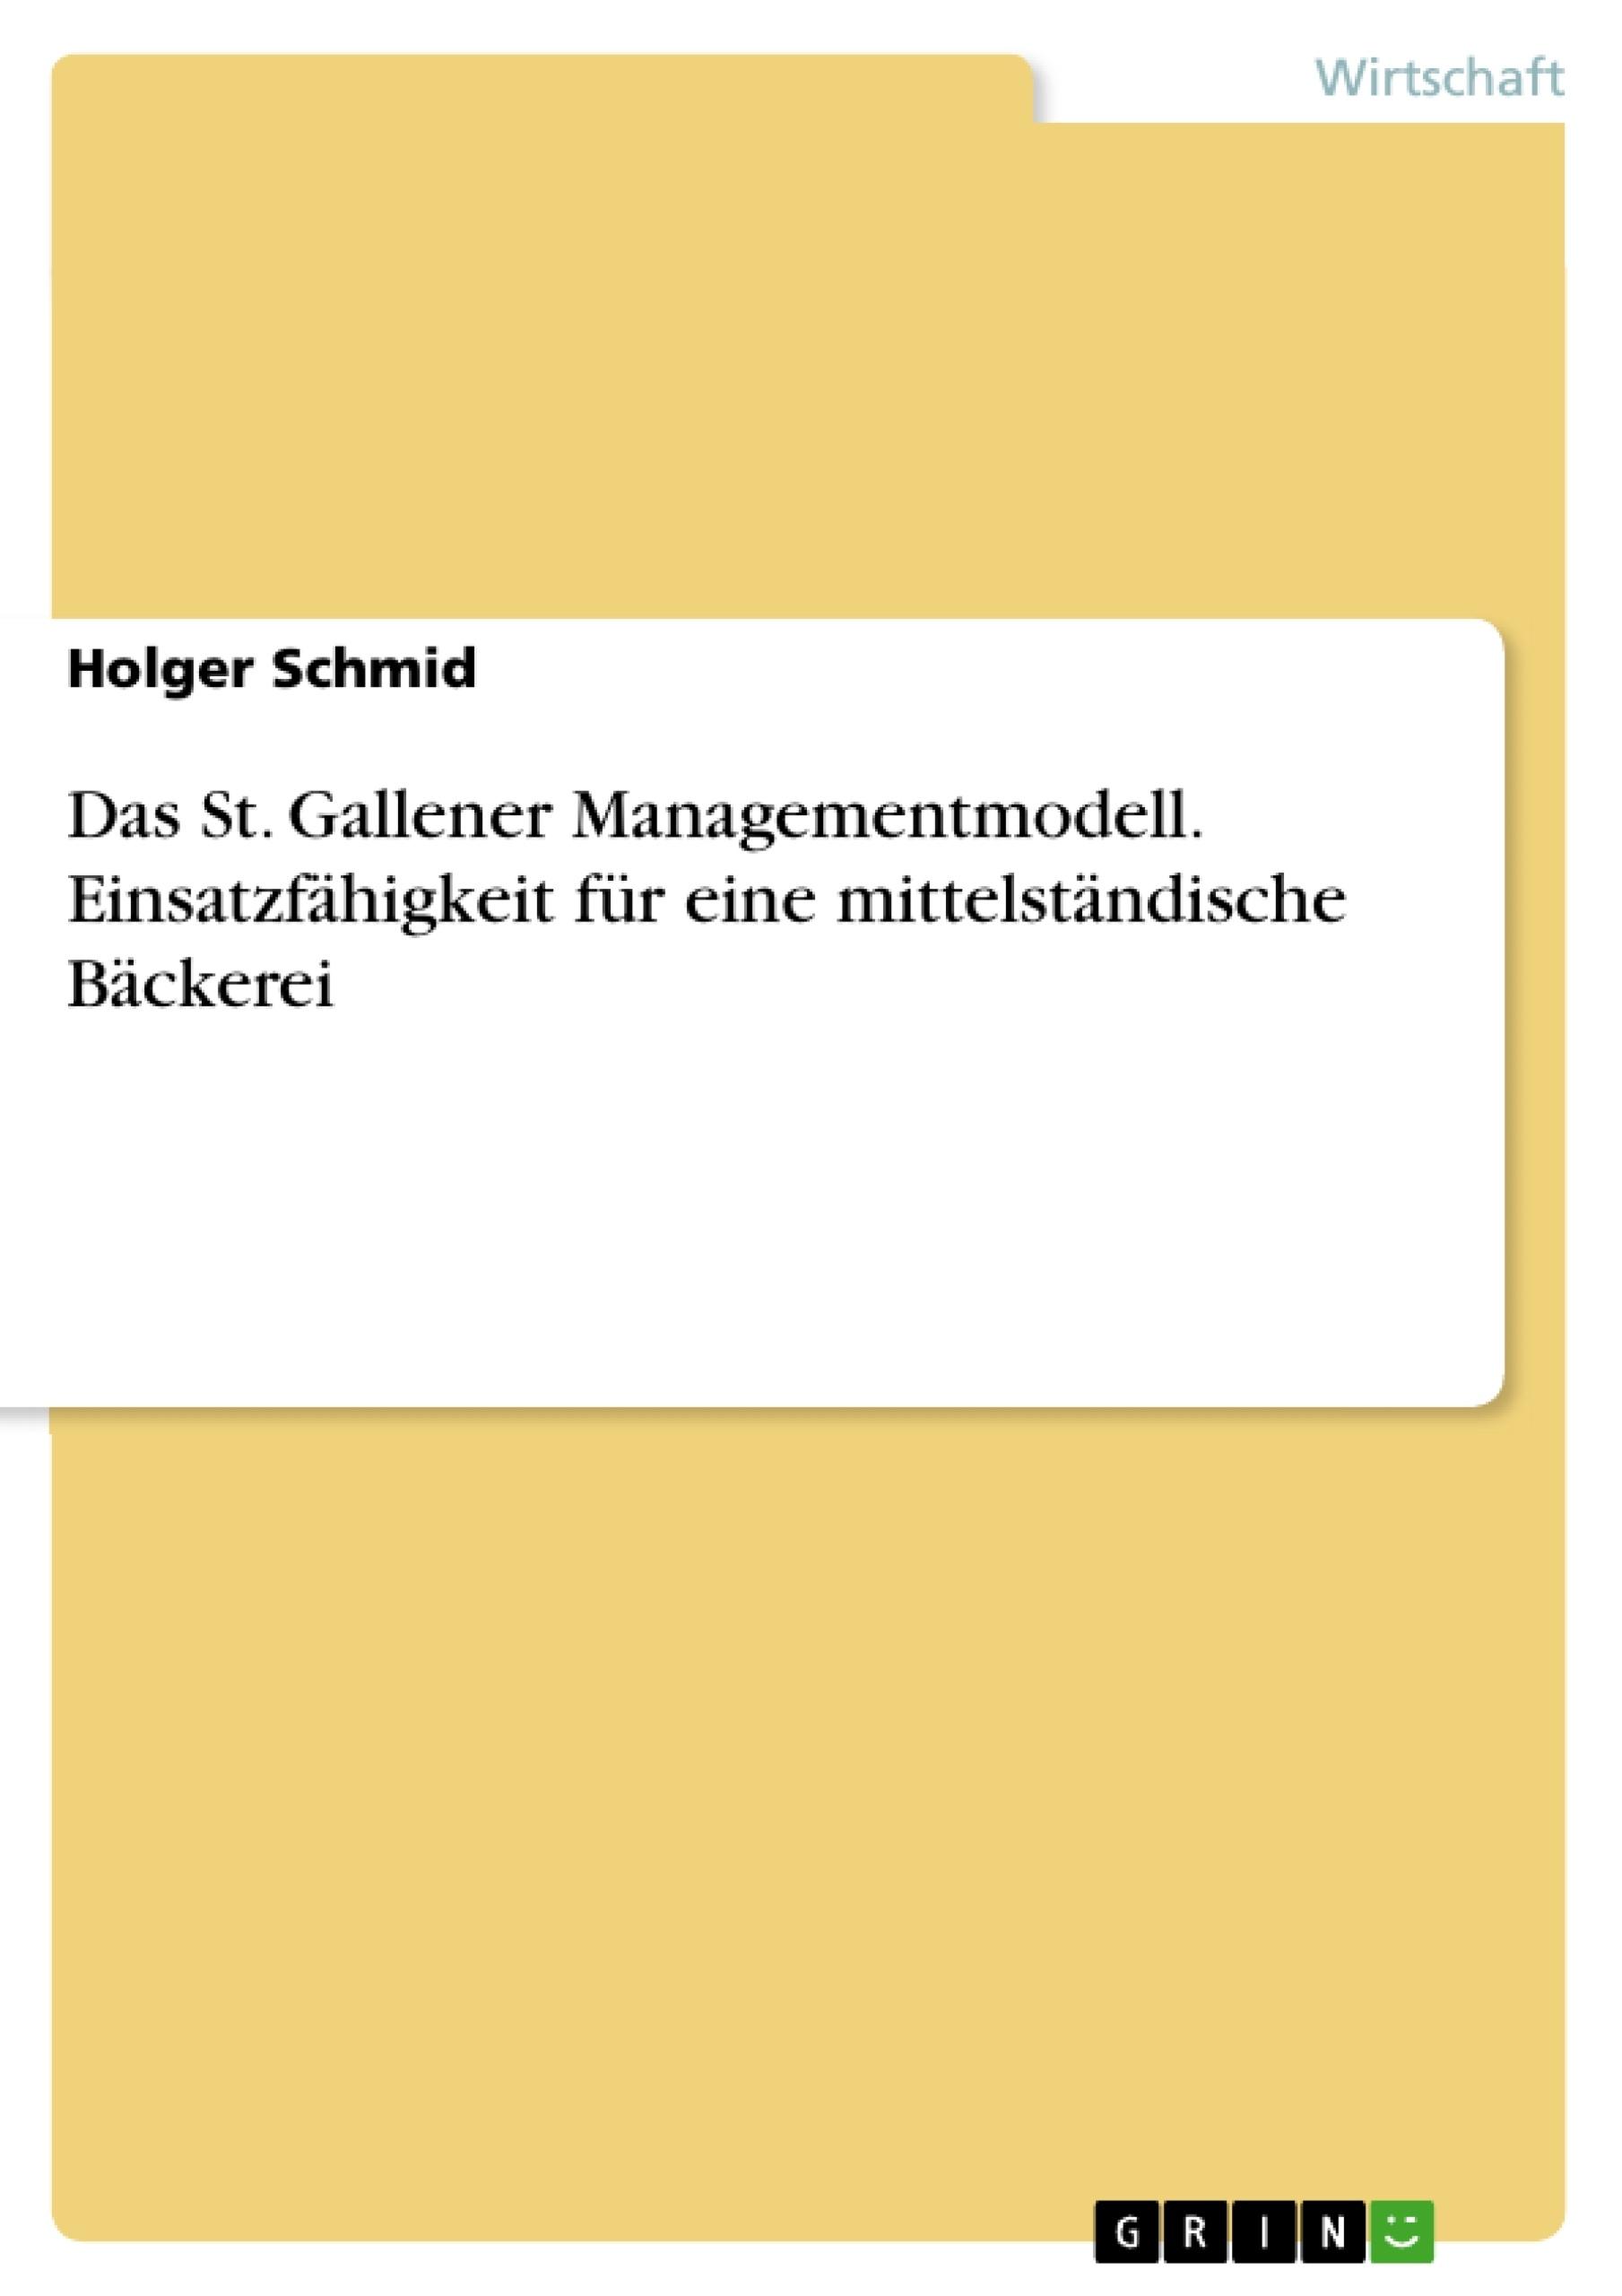 Titel: Das St. Gallener Managementmodell. Einsatzfähigkeit für eine mittelständische Bäckerei